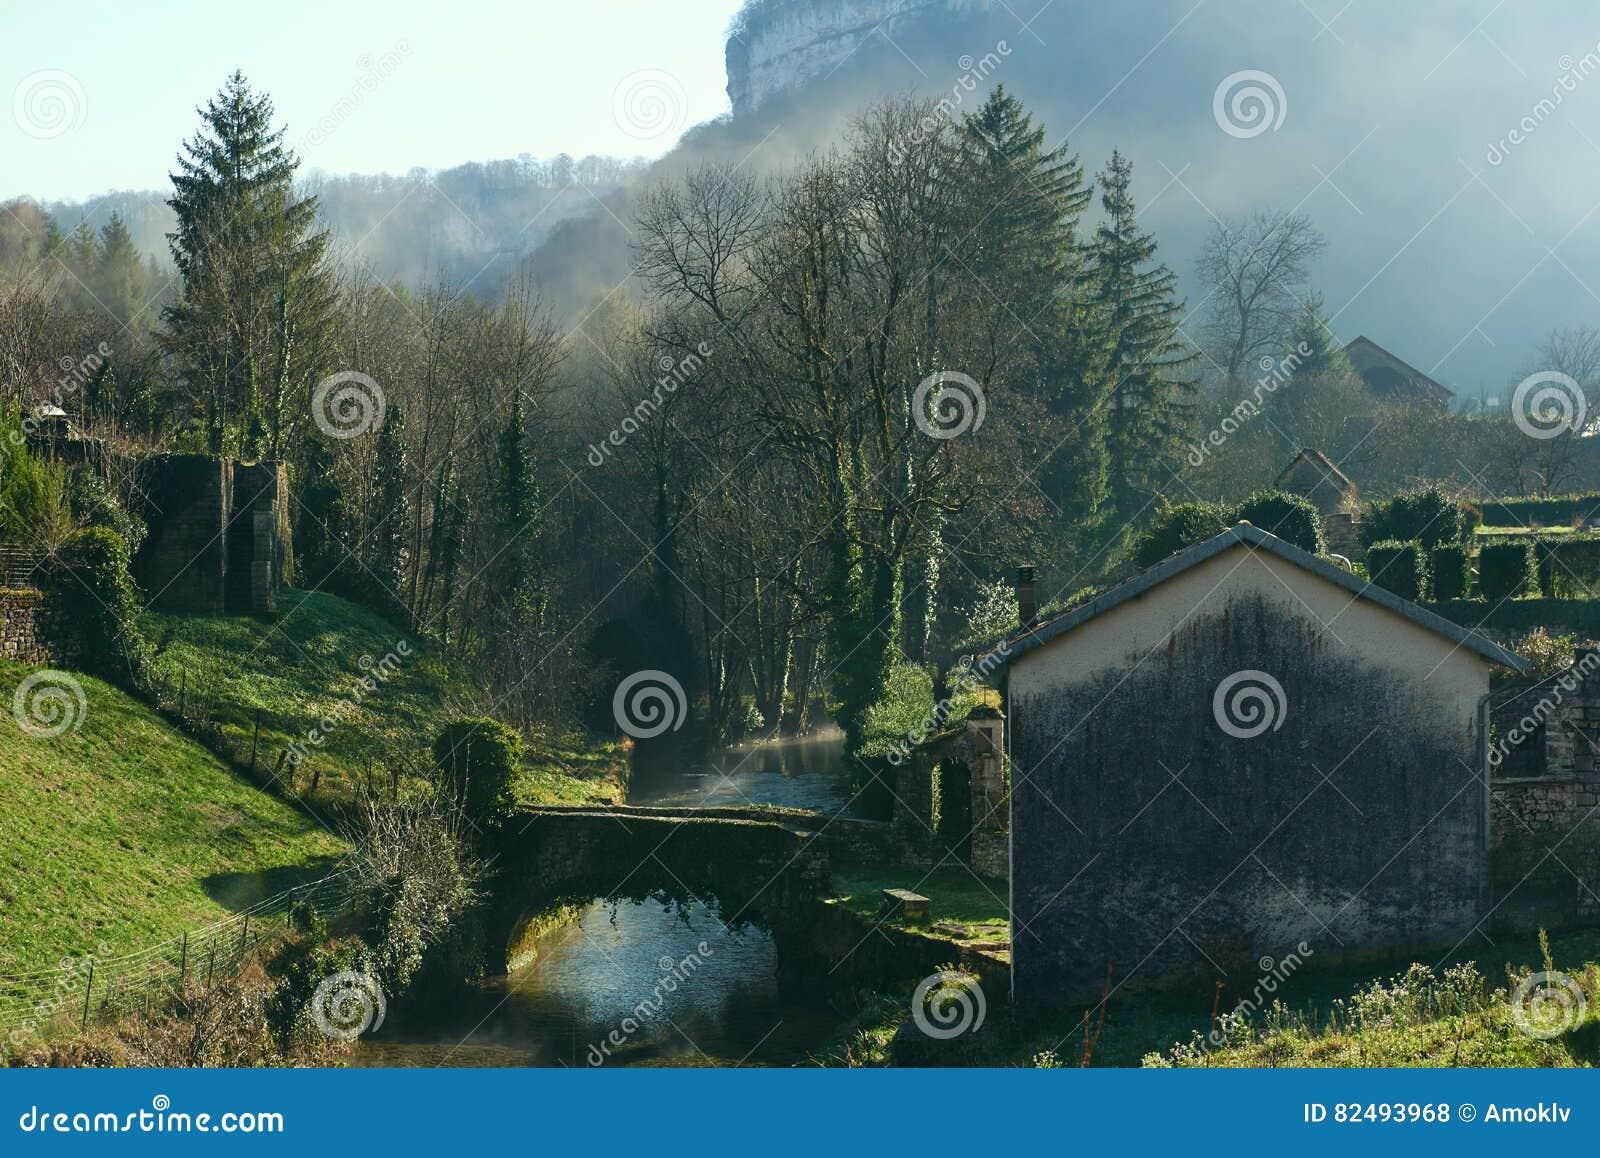 Baume-les-Messieurs village. France